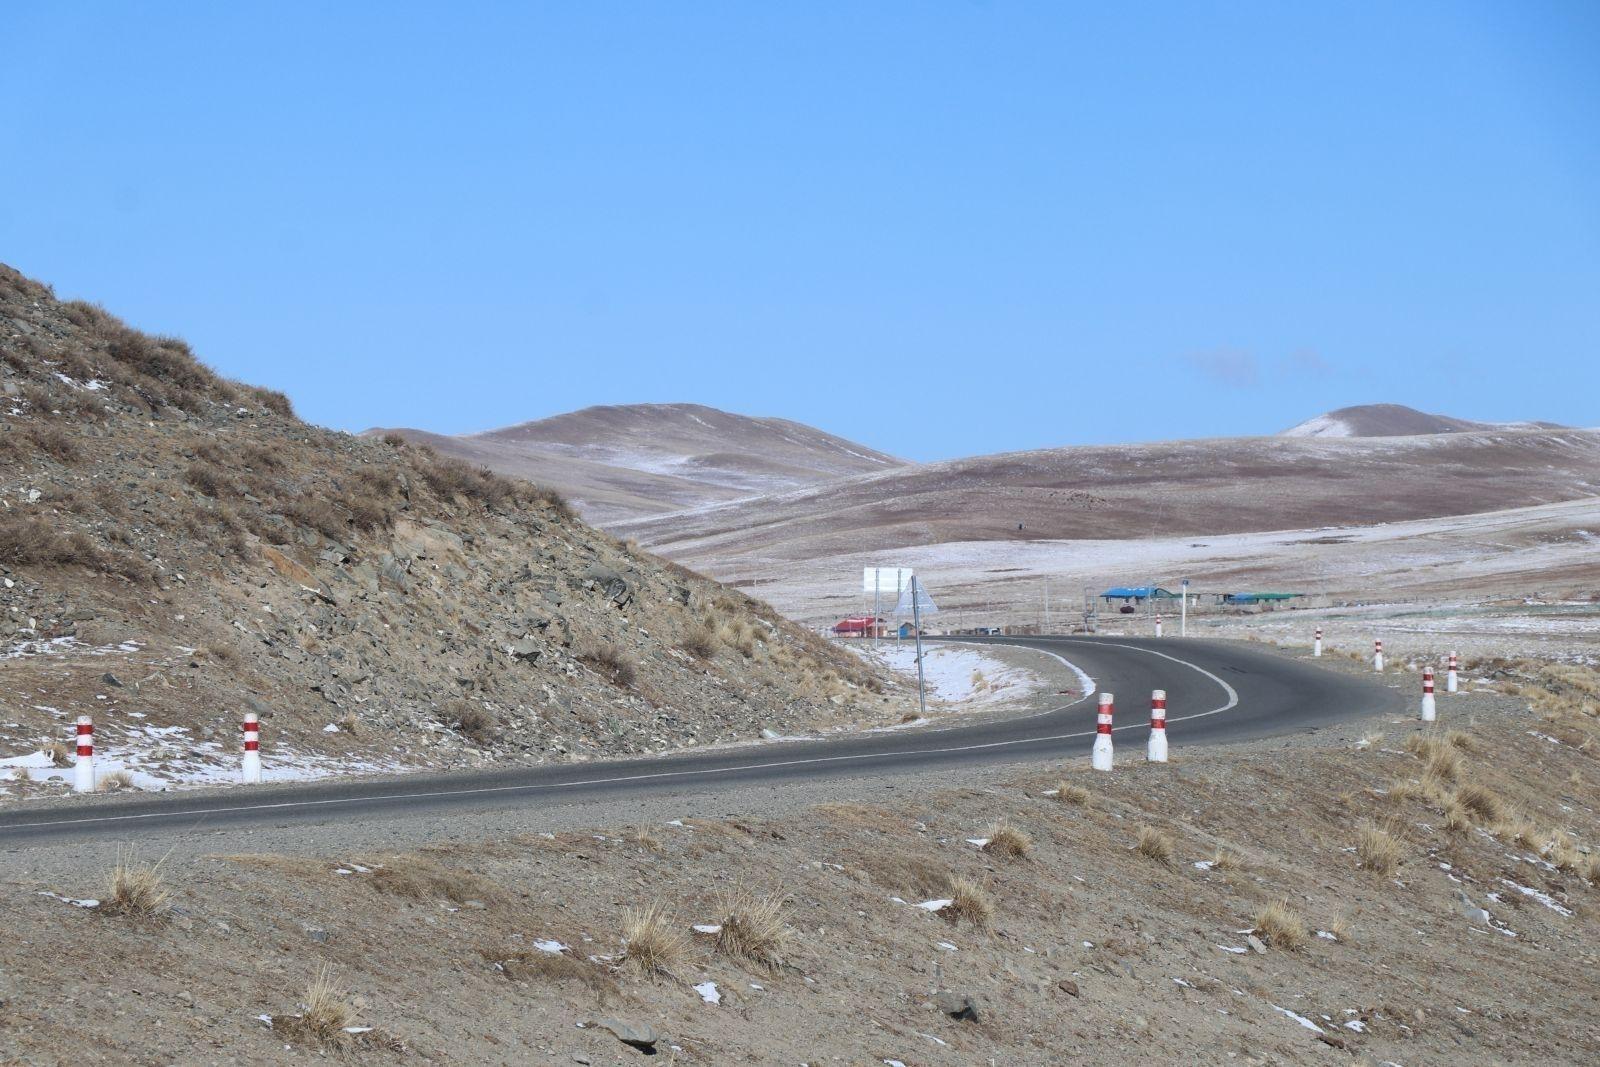 7b759f_IMG_0481_x974 Улаанбаатар-Дарханы хооронд түр зам гаргах чиглэл өгөв